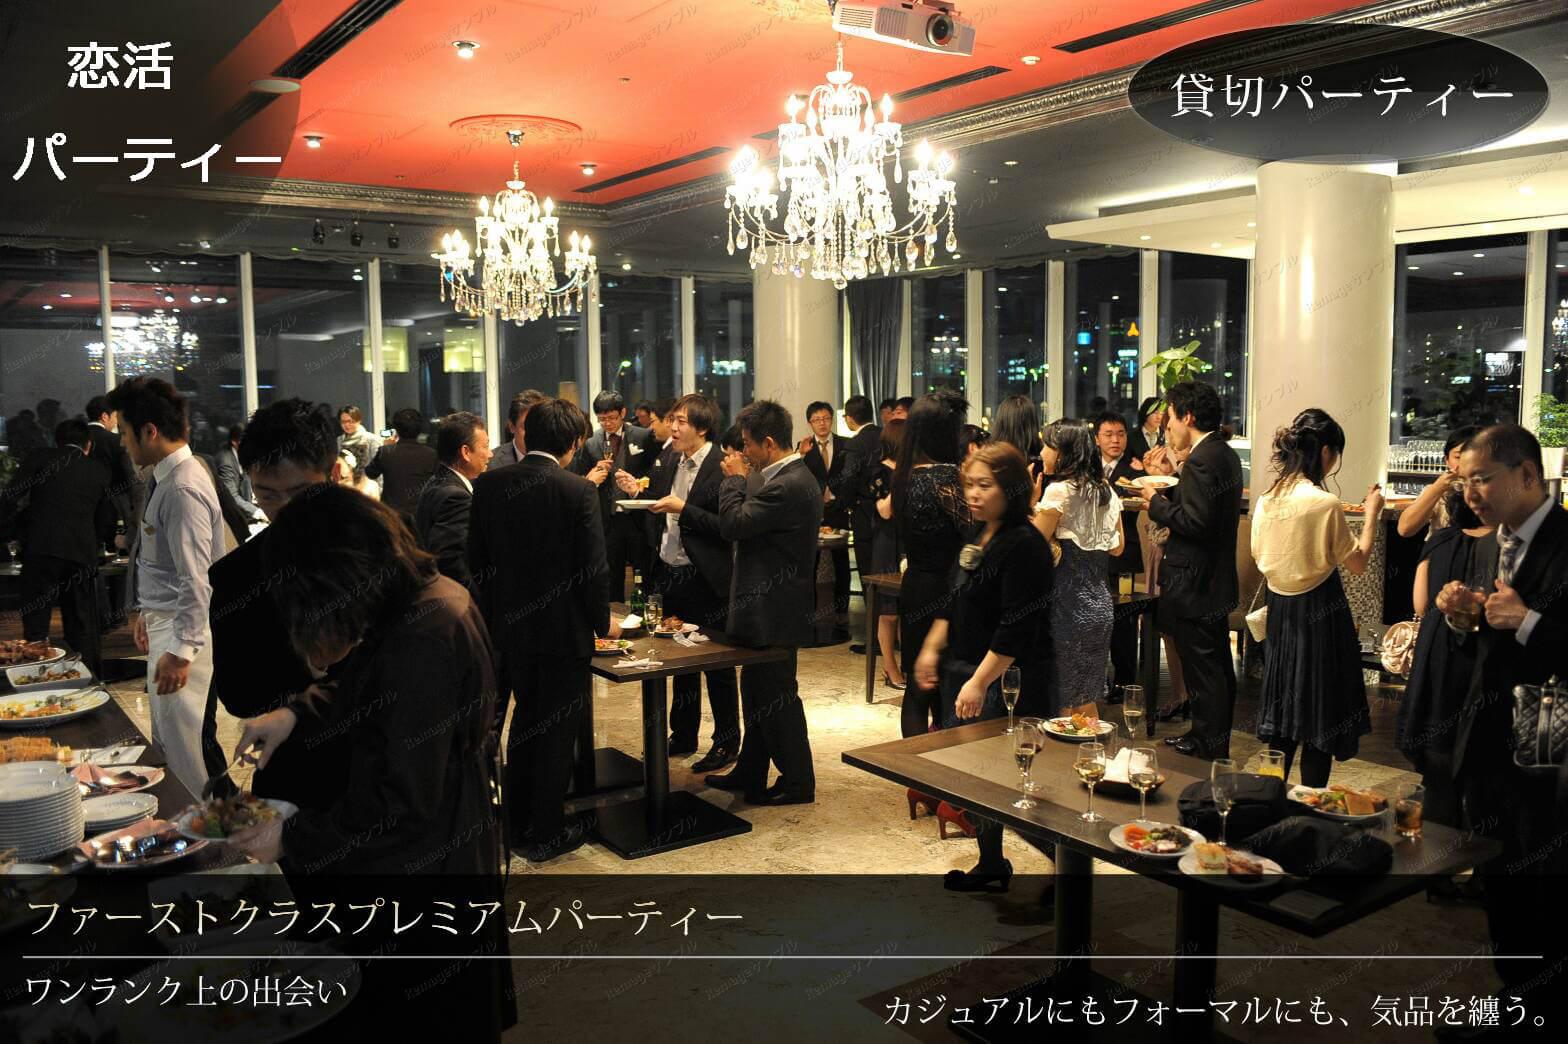 【仙台の恋活パーティー】仙台ファーストクラスパーティー主催 2017年2月25日